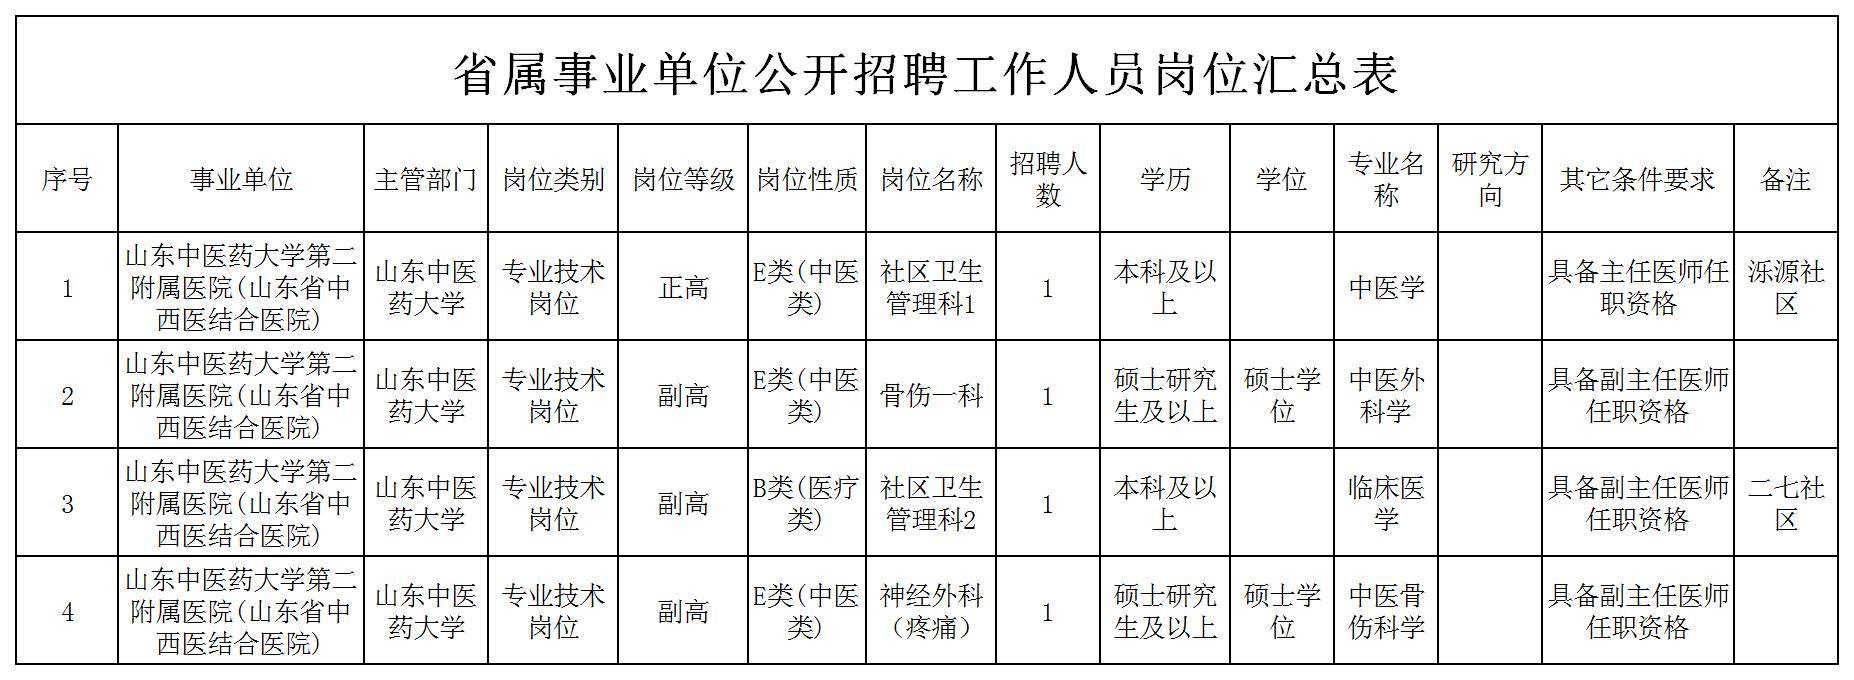 2020山东中医药大学第二附属医院招聘4人